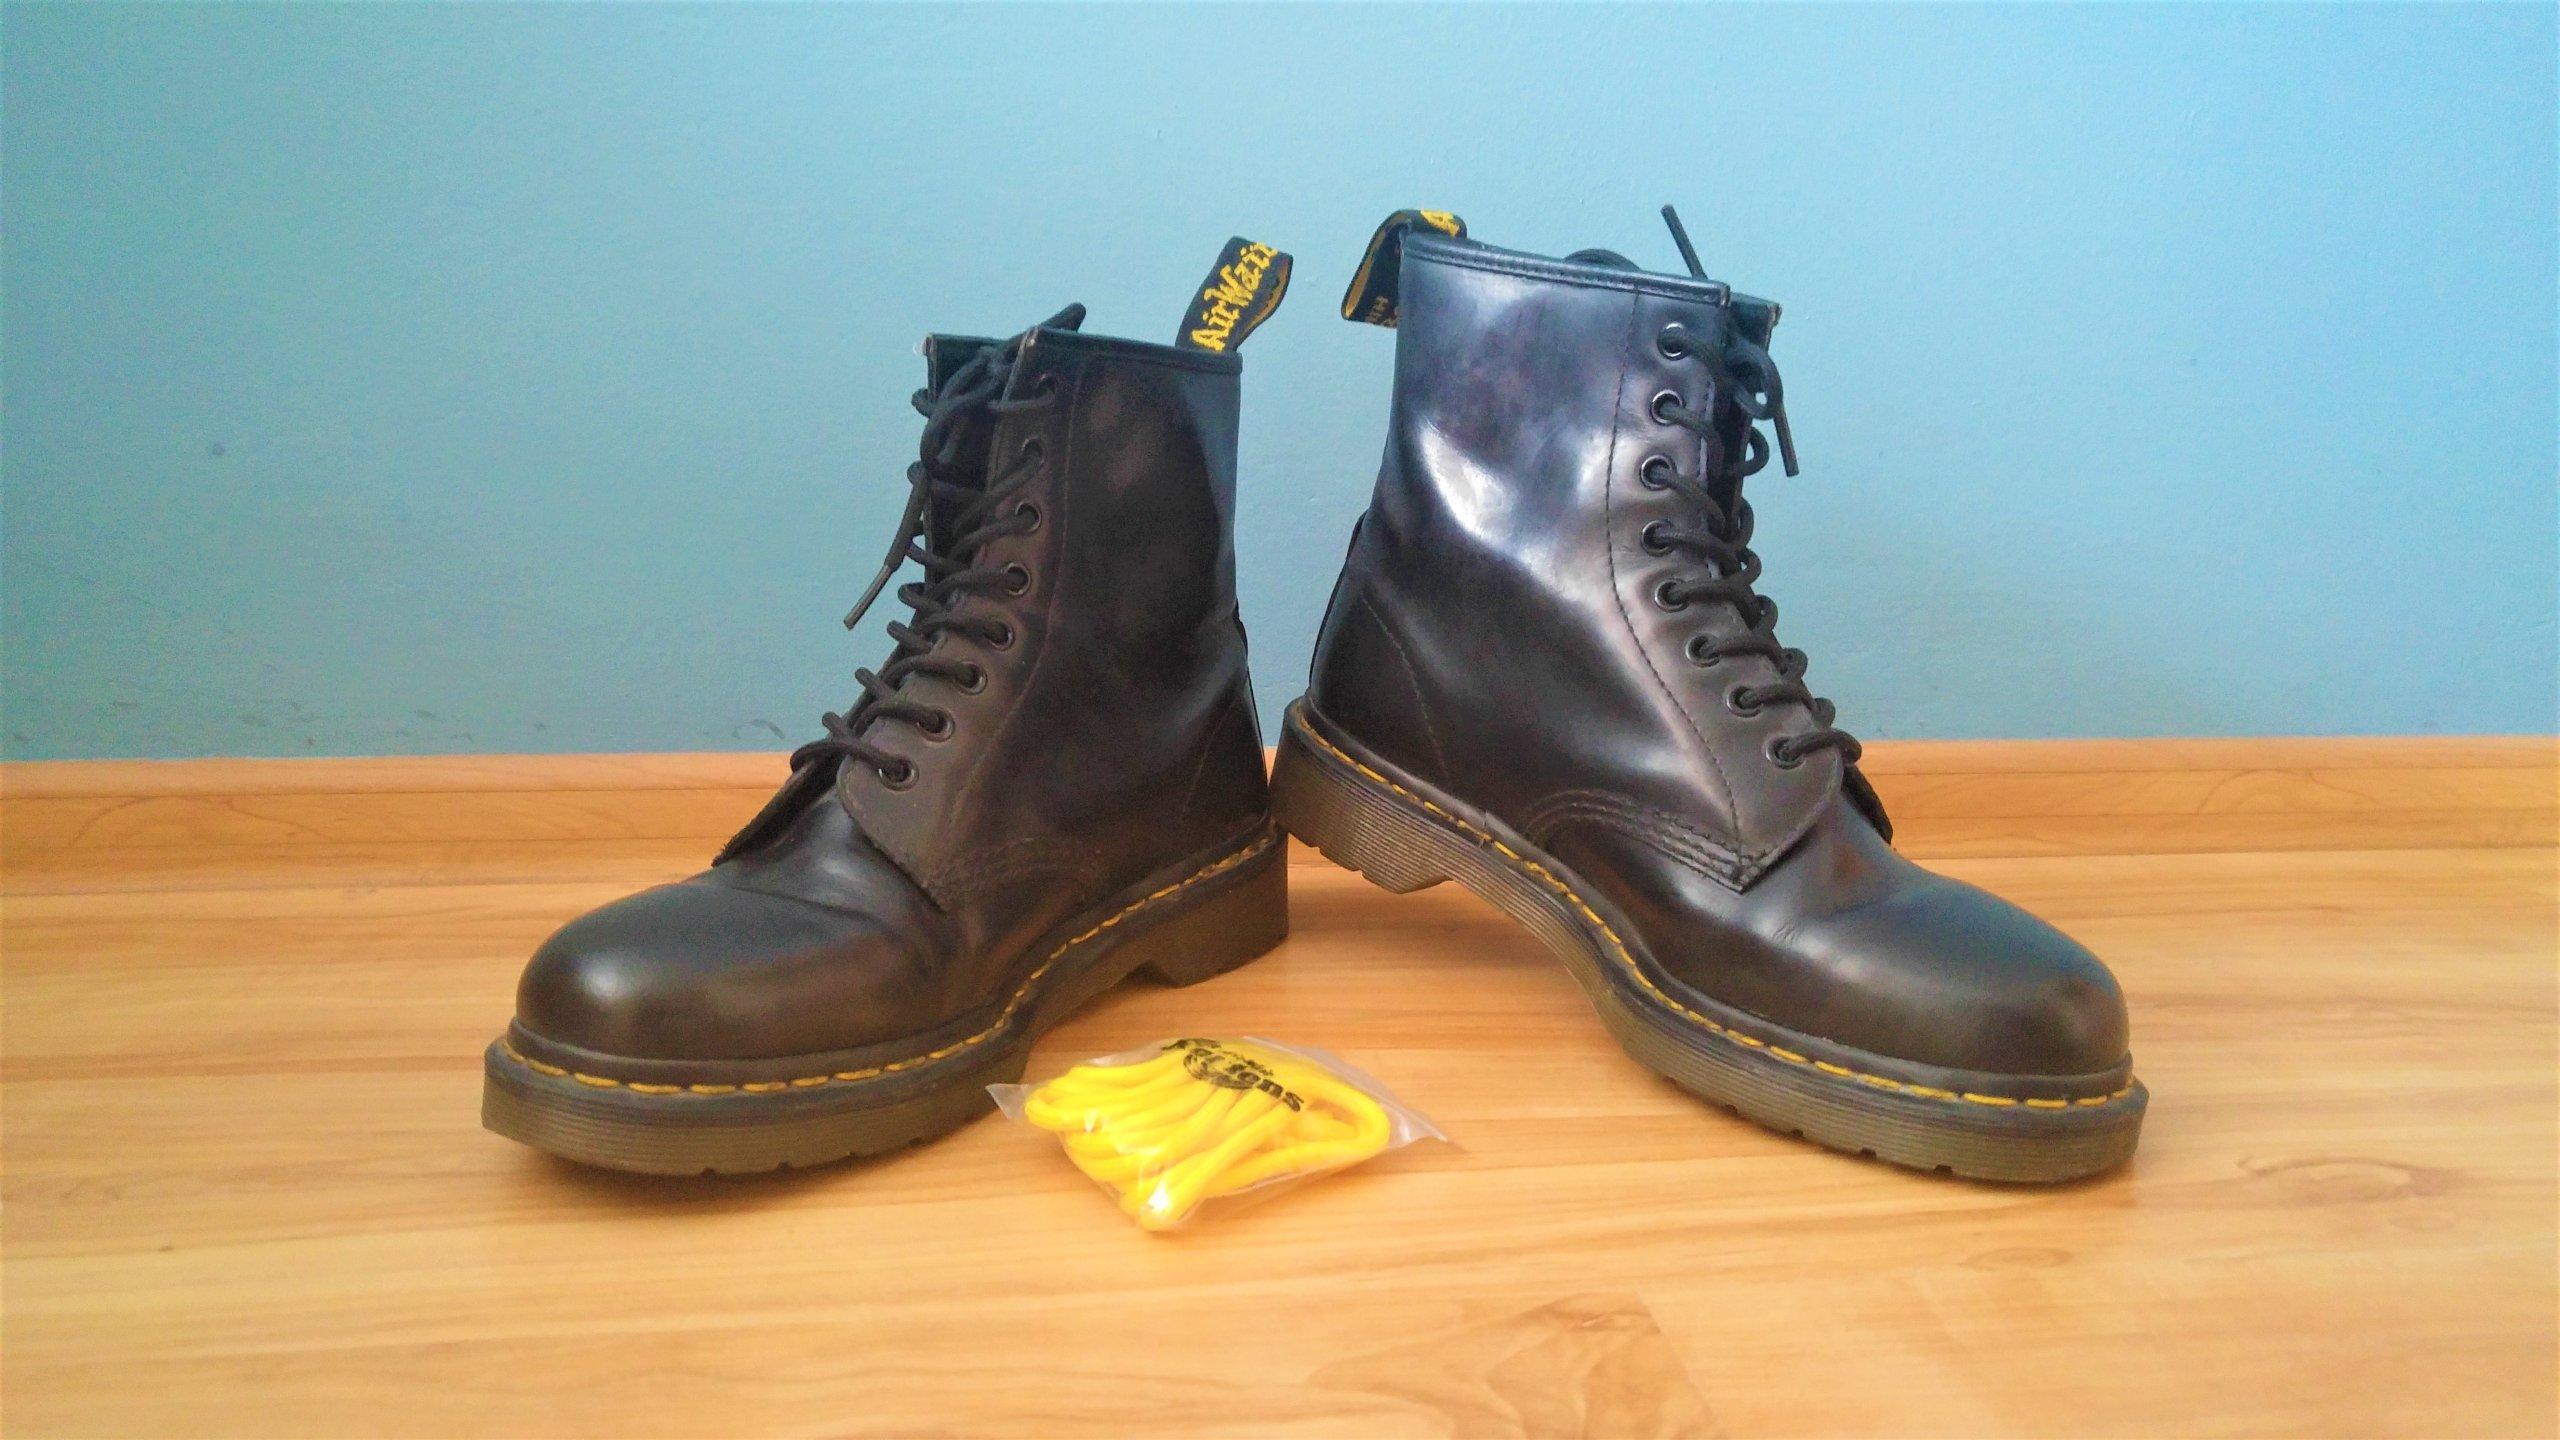 eleganckie buty buty do biegania wyprzedaż w sklepie wyprzedażowym Buty Dr. Martens 1460 rozmiar 41 czarne - 7400525555 ...